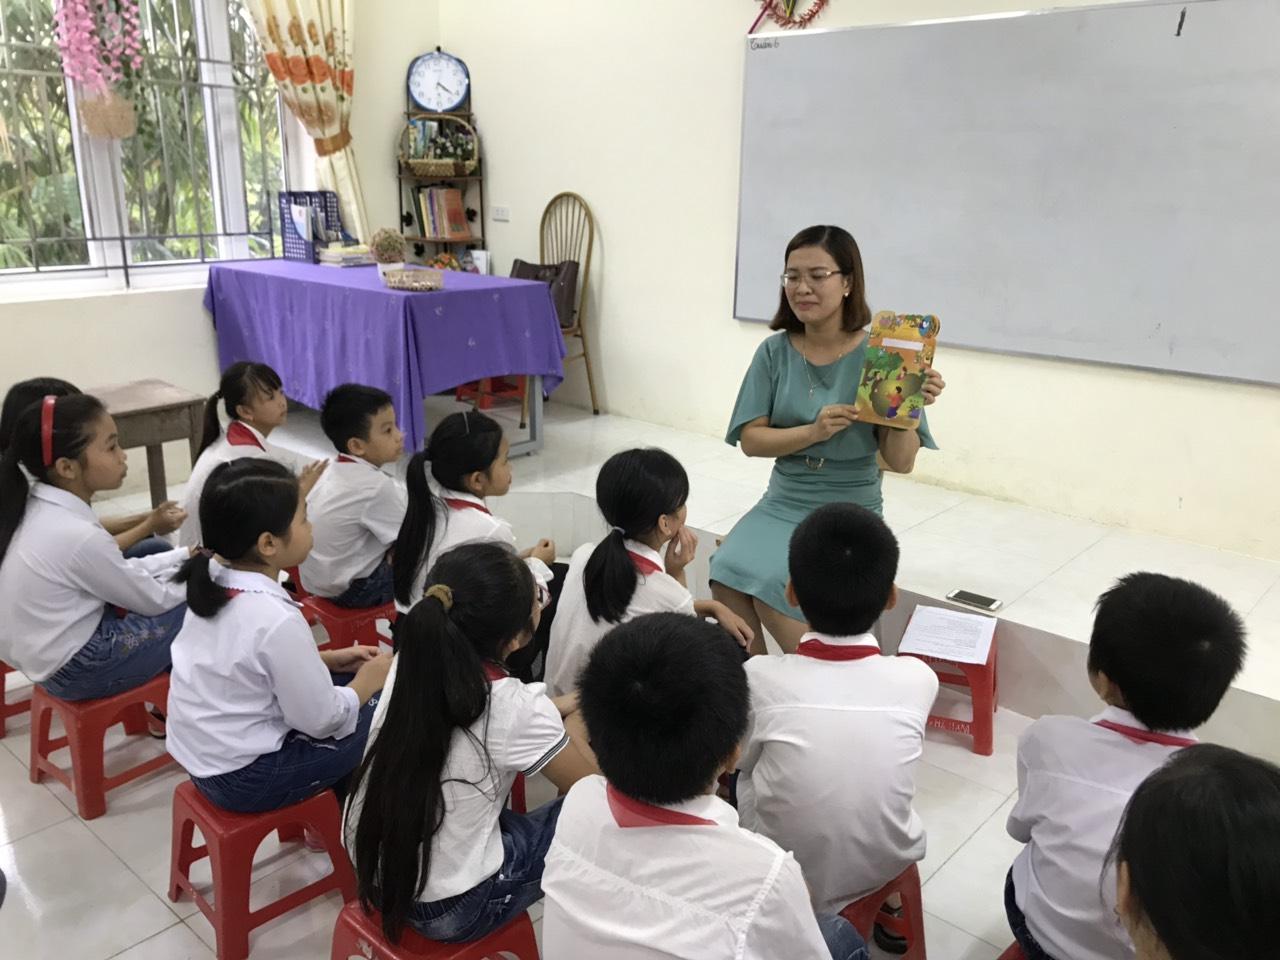 Cô giáo Nguyễn Thị Xuân giới thiệu về quyển sách